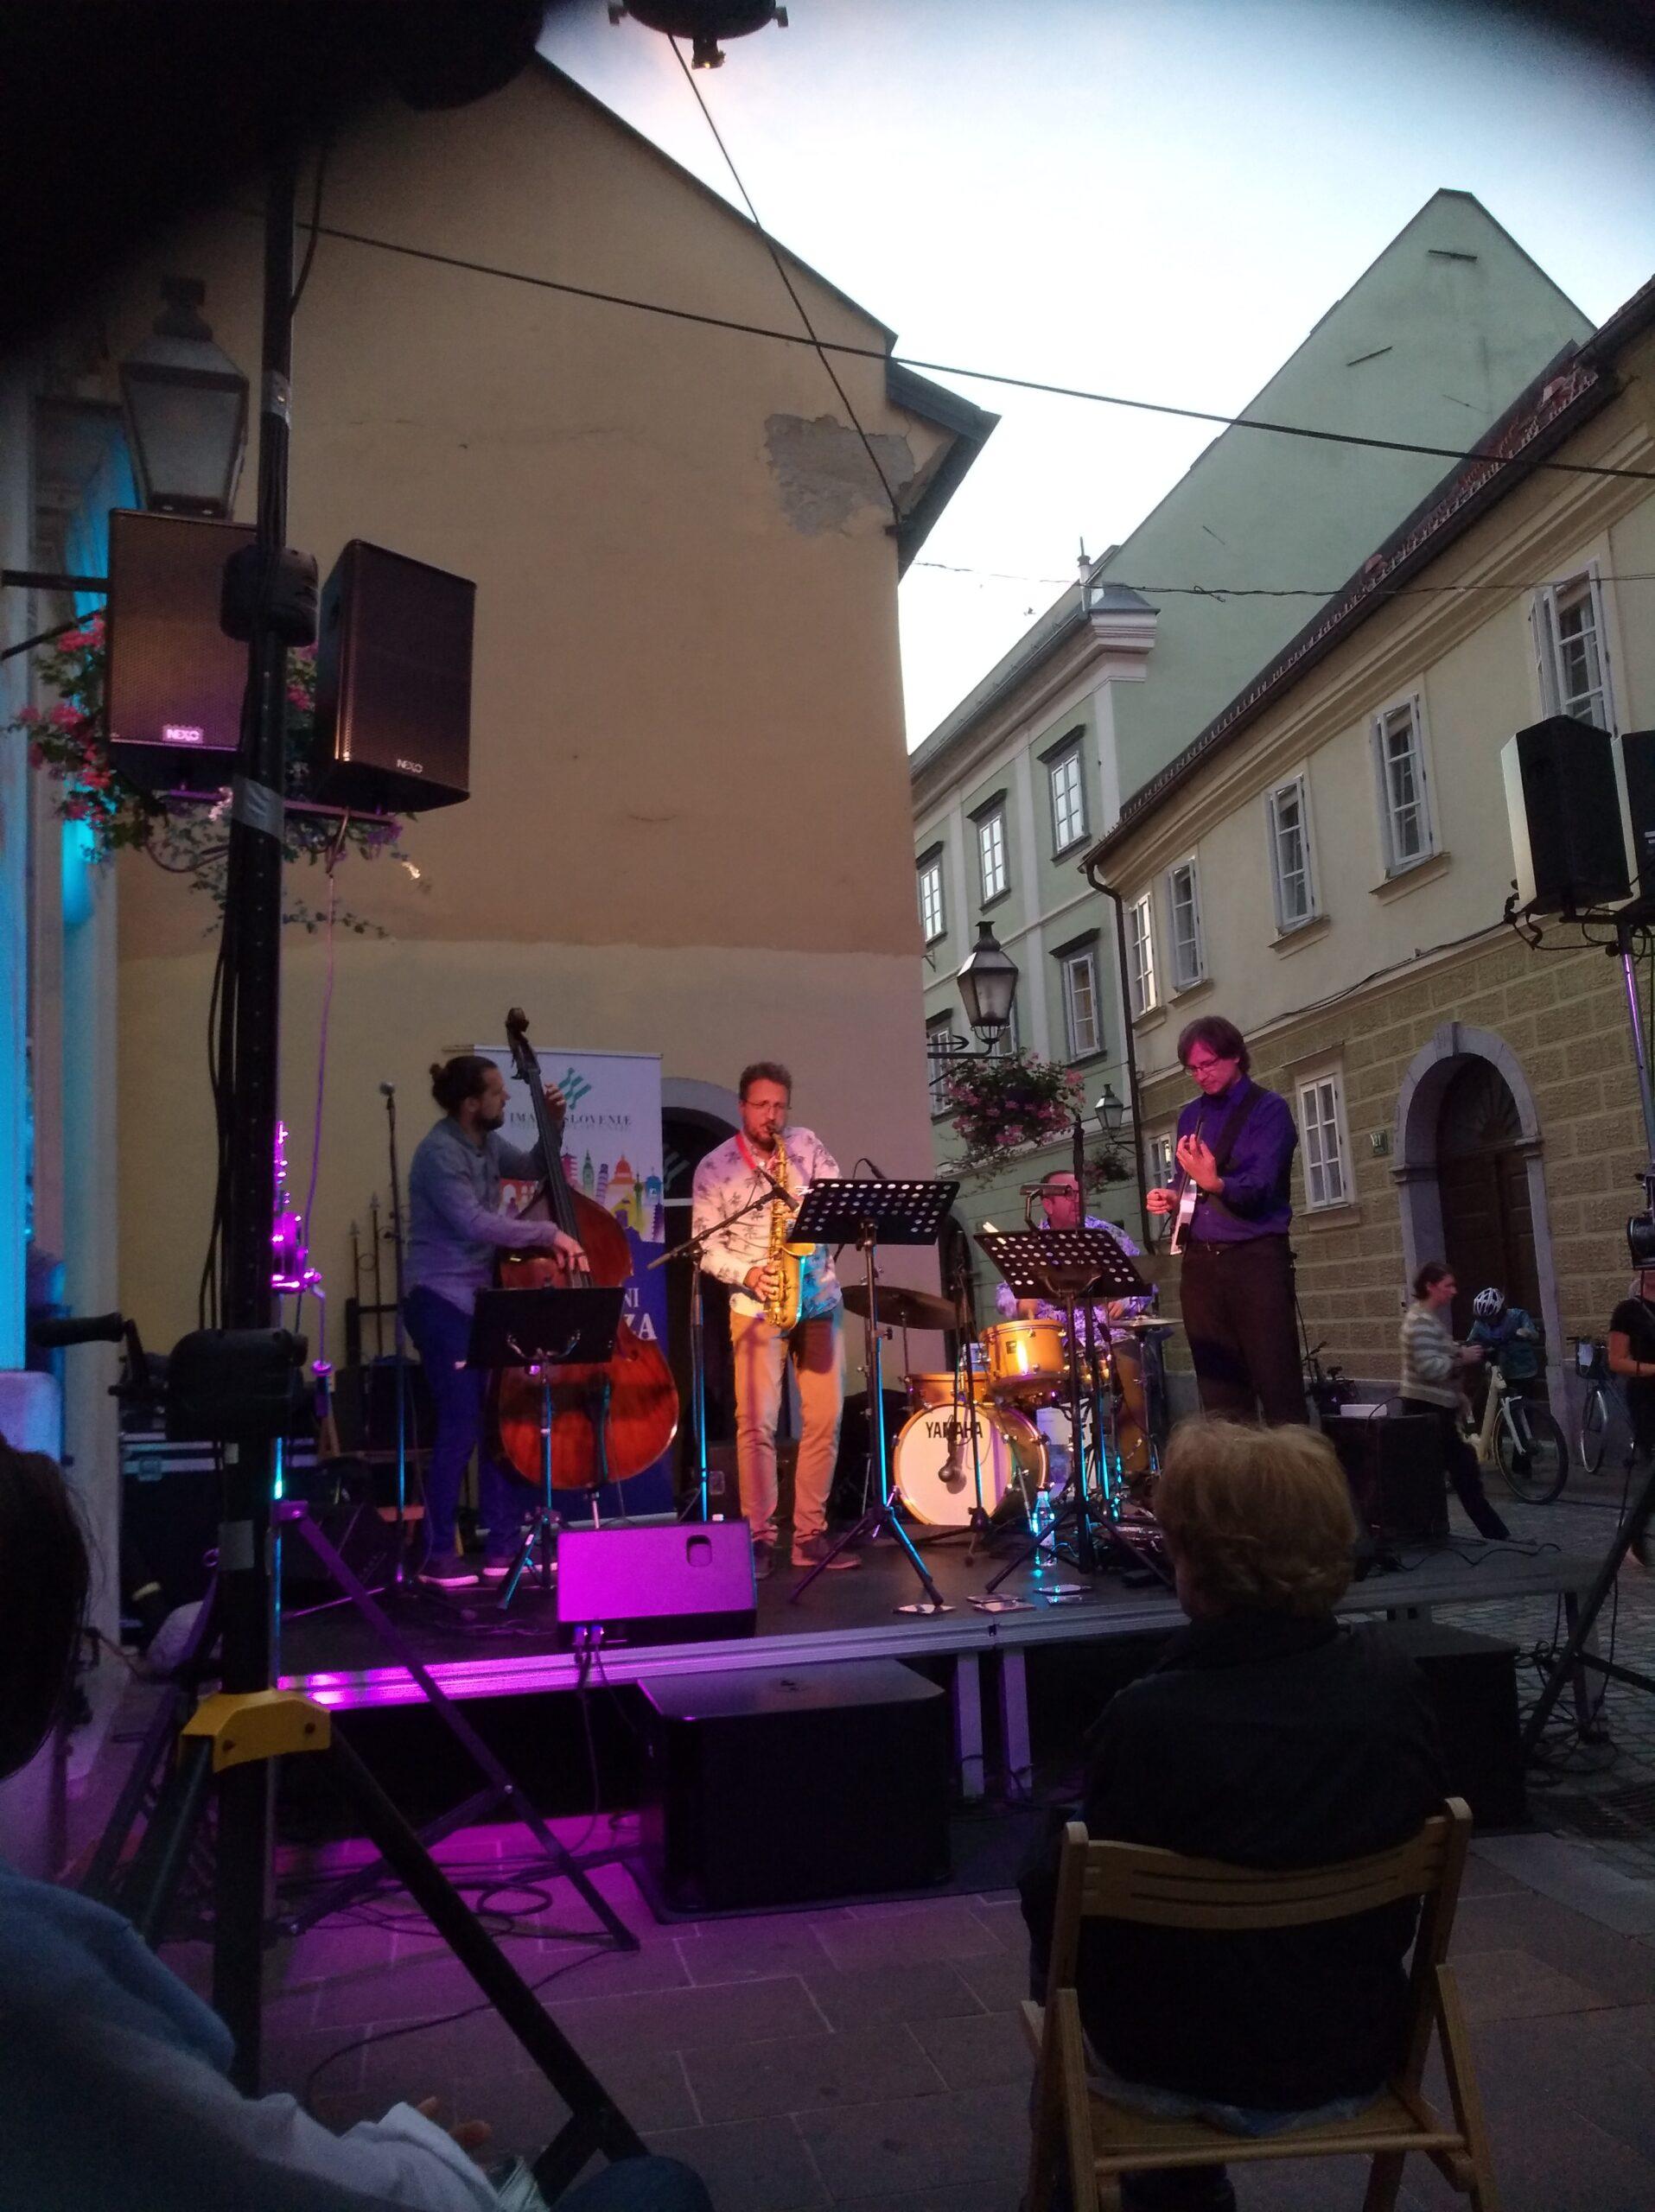 serija koncertov: Jazz Unesco oder, Gornji trg,Ljubljana 2020, NEXO PS10R2, LS 600, PS10 monitoring